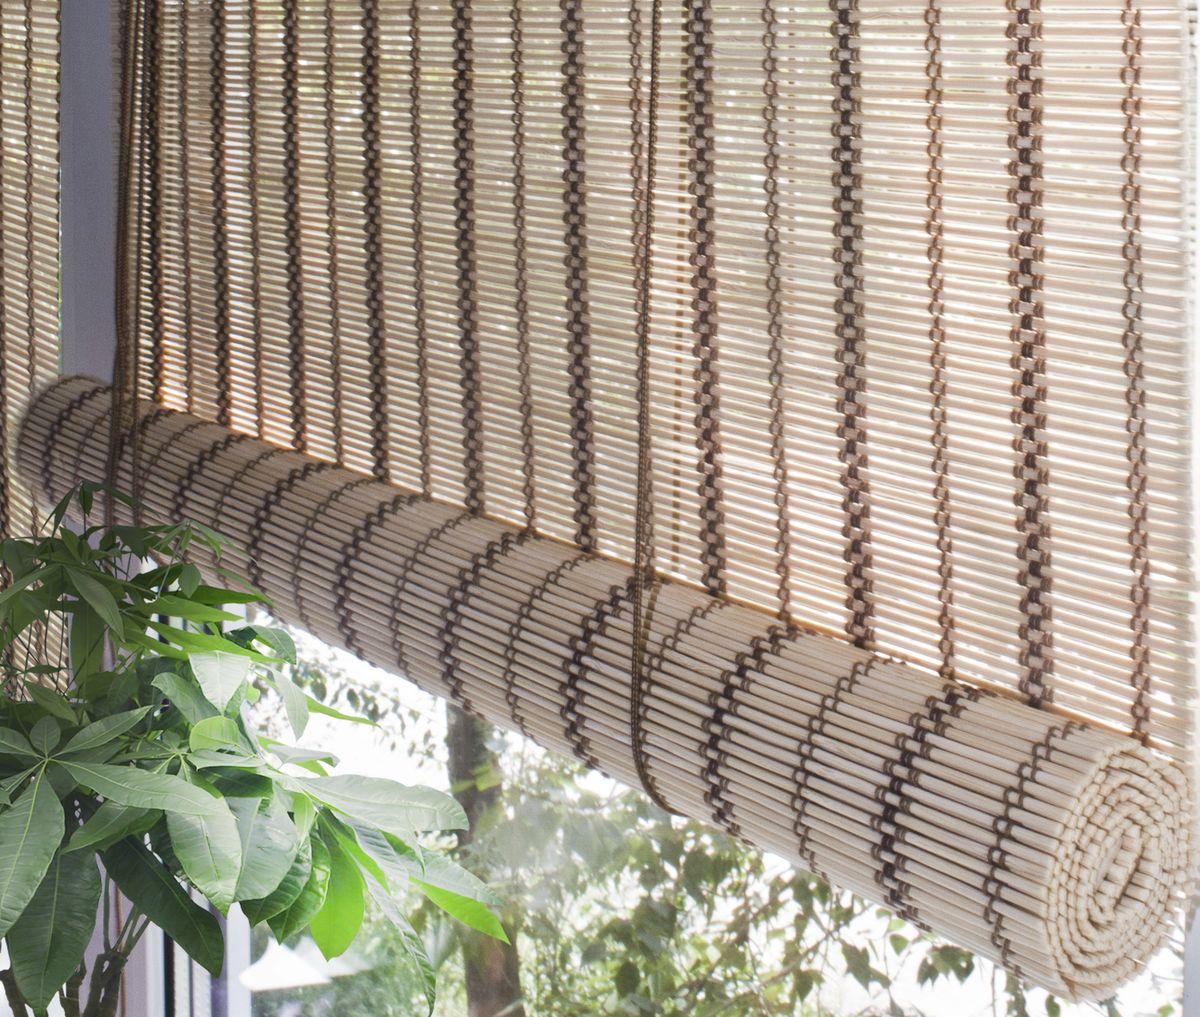 Штора рулонная Эскар Бамбук, цвет: золотой беж, ширина 60 см, высота 160 см7014060160При оформлении интерьера современных помещений многие отдают предпочтение природным материалам. Бамбуковые рулонные шторыЭскар Бамбук – одно из натуральных изделий, способное сделать атмосферу помещения более уютной и в то же время необычной. Свойства бамбука уникальны: он экологически чист, так как быстро вырастает, благодаря чему не успевает накопить вредные вещества из окружающей среды. Кроме того, растение обладает противомикробным и антибактериальным действием. Занавеси из бамбука безопасно использовать в помещениях, где находятся новорожденные дети и люди, склонные к аллергии. Они незаменимы для тех, кто заботится о своем здоровье и уделяет внимание высокому уровню жизни.